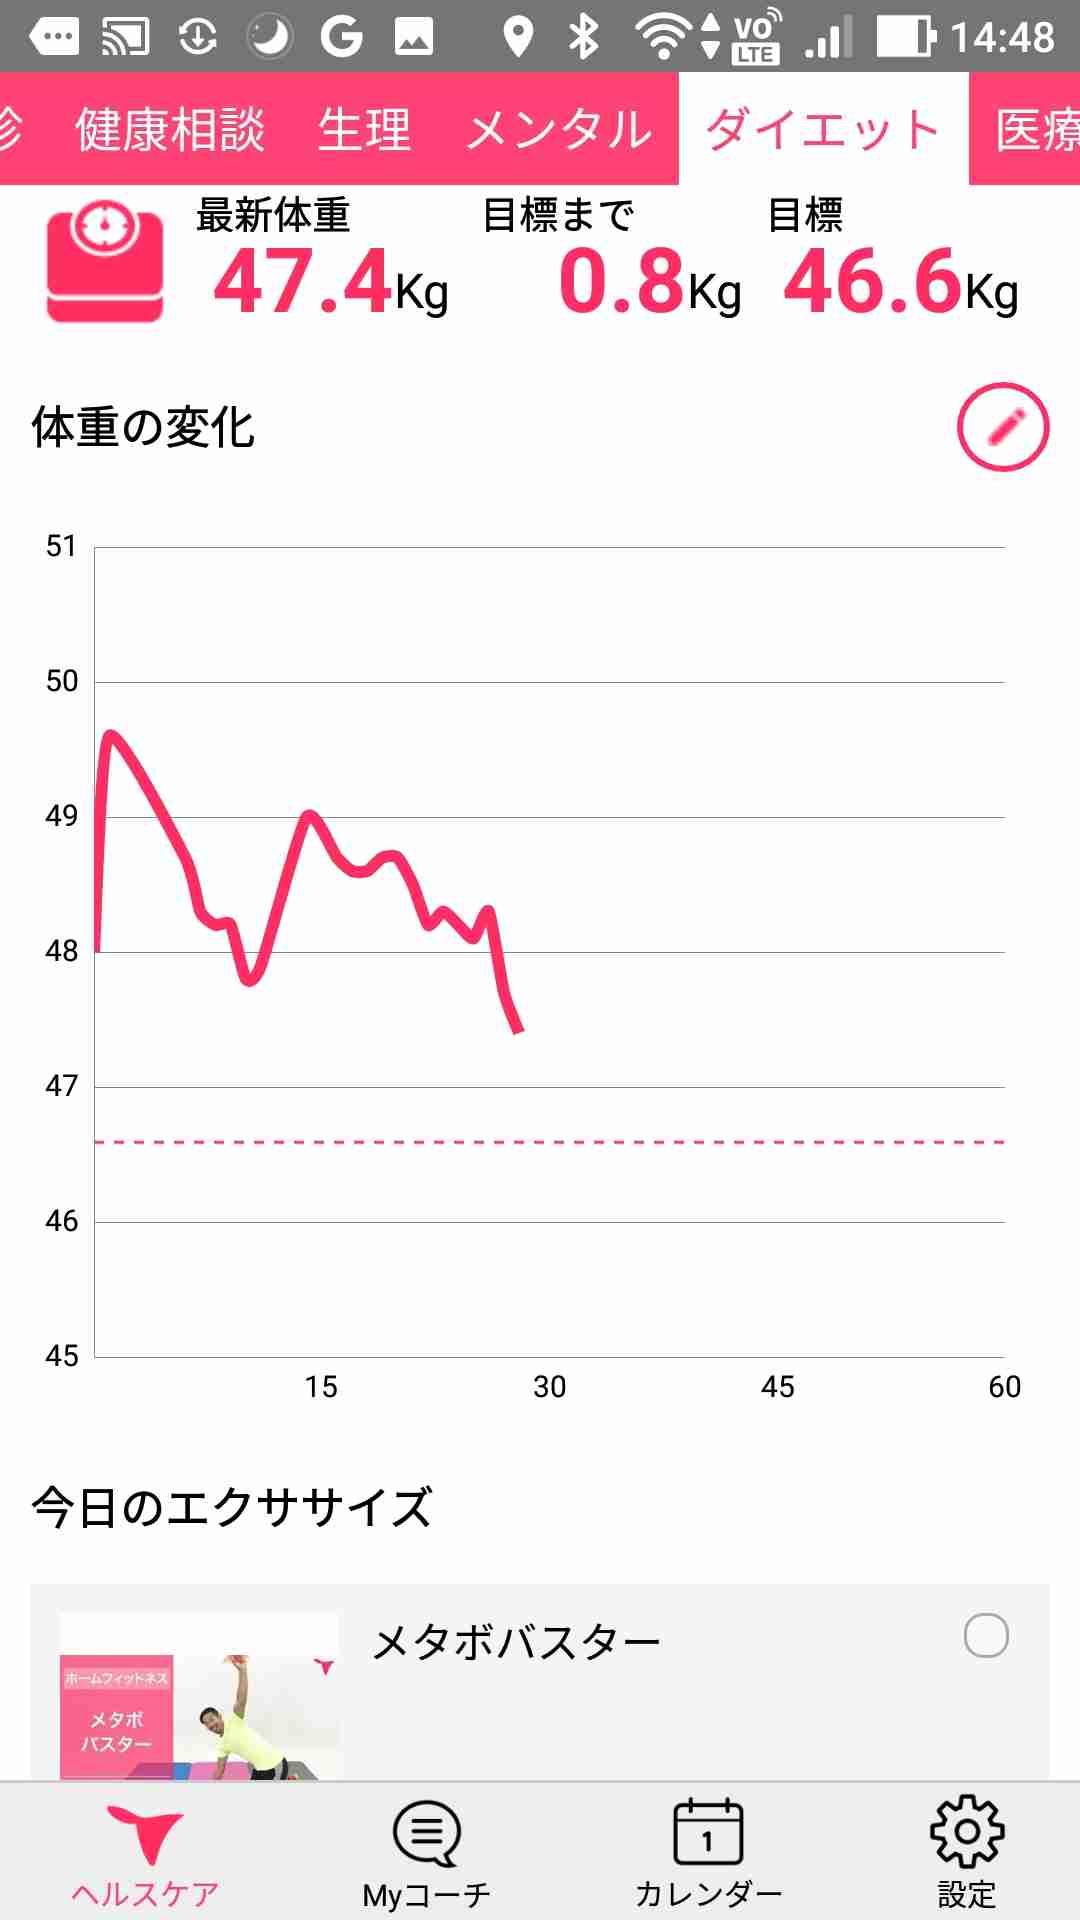 【ダイエットトピ】体重を記録するトピ【30日間】